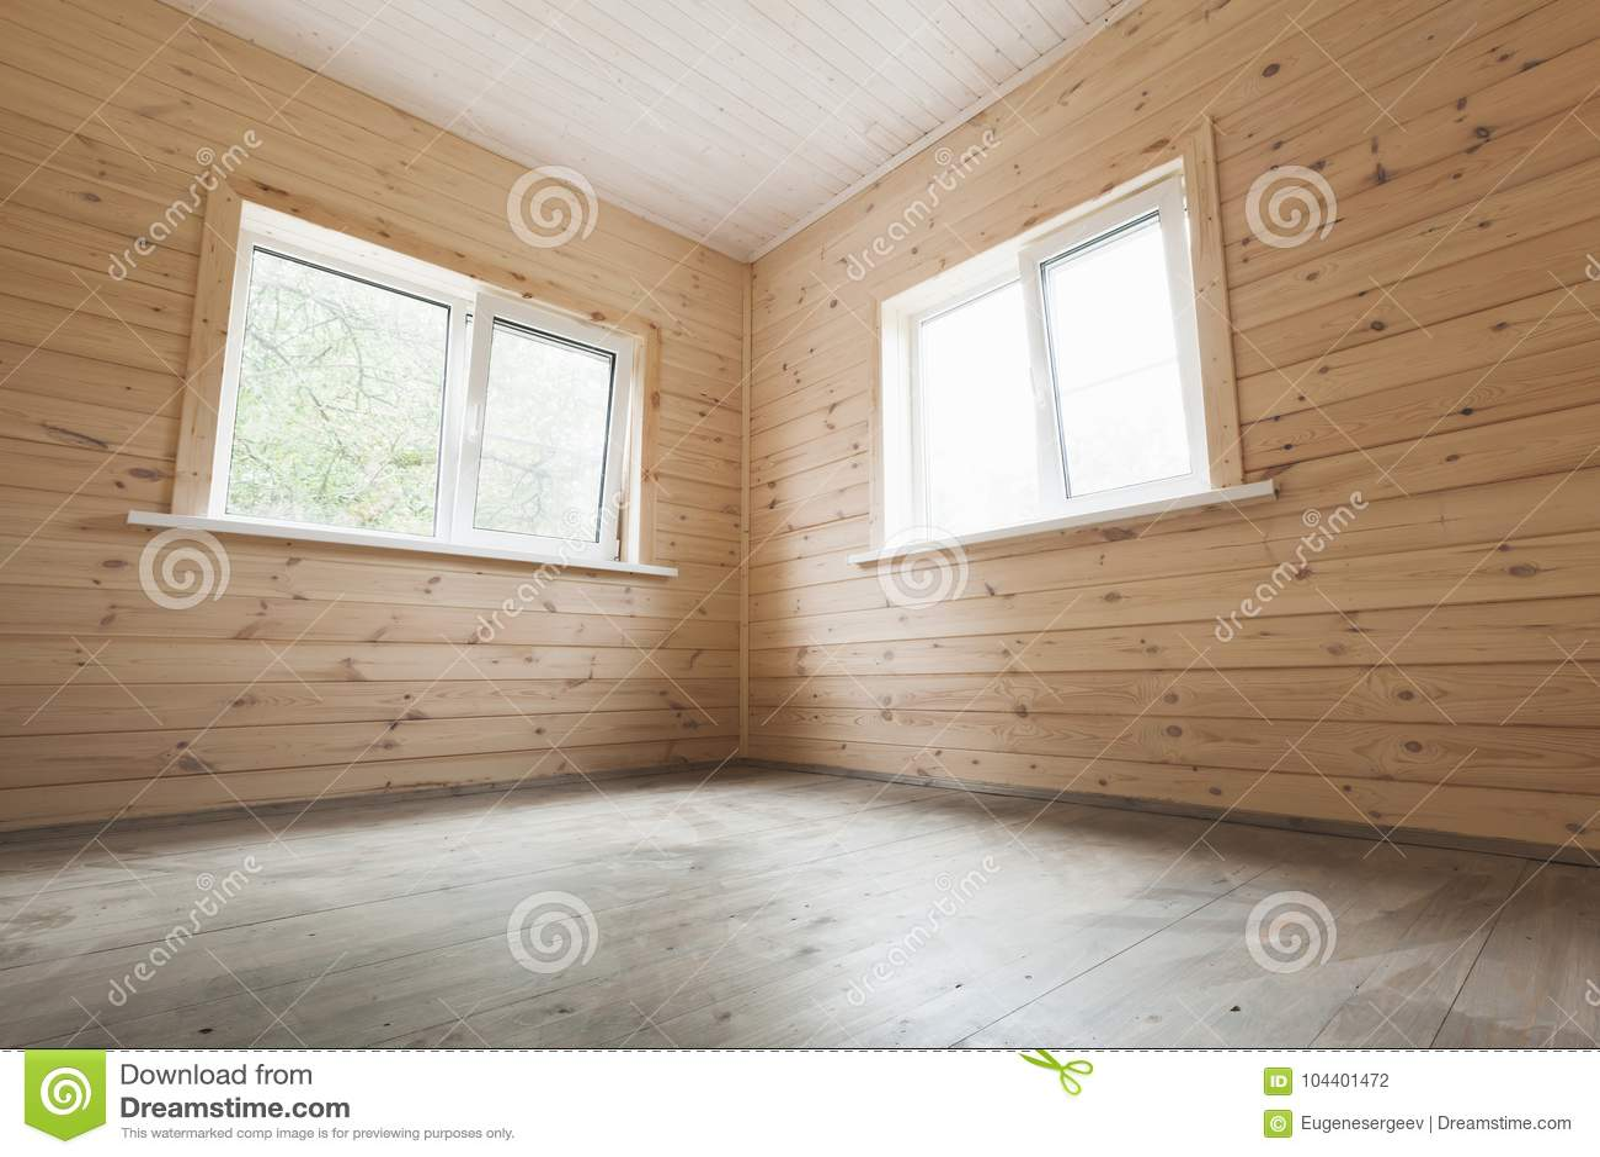 Pareti Interne In Legno : Pareti interne e di legno vuote e due finestre fotografia stock